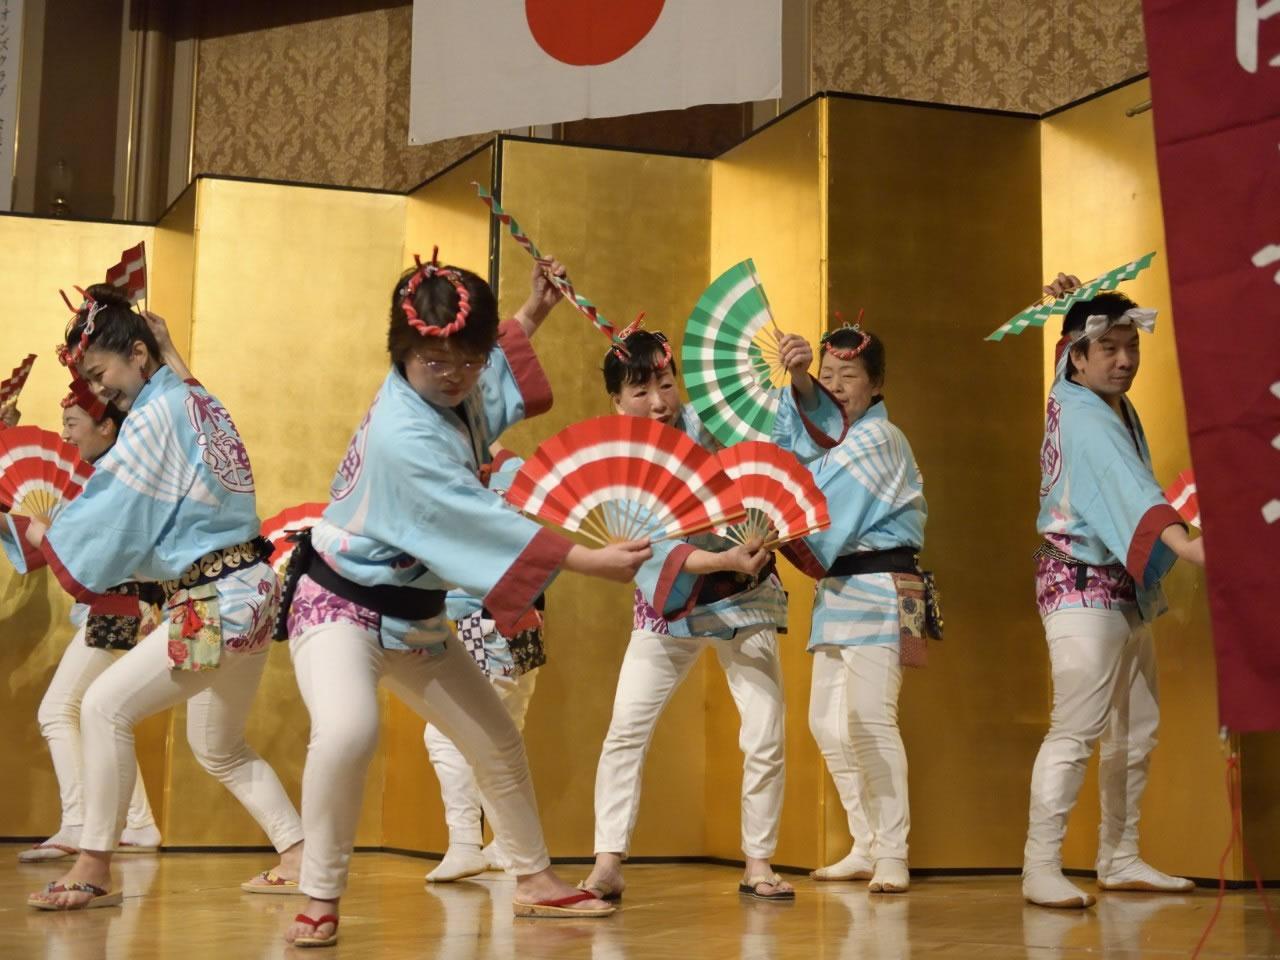 堺フェニックスライオンズクラブ結成20周年記念祝宴 すずめ踊り7